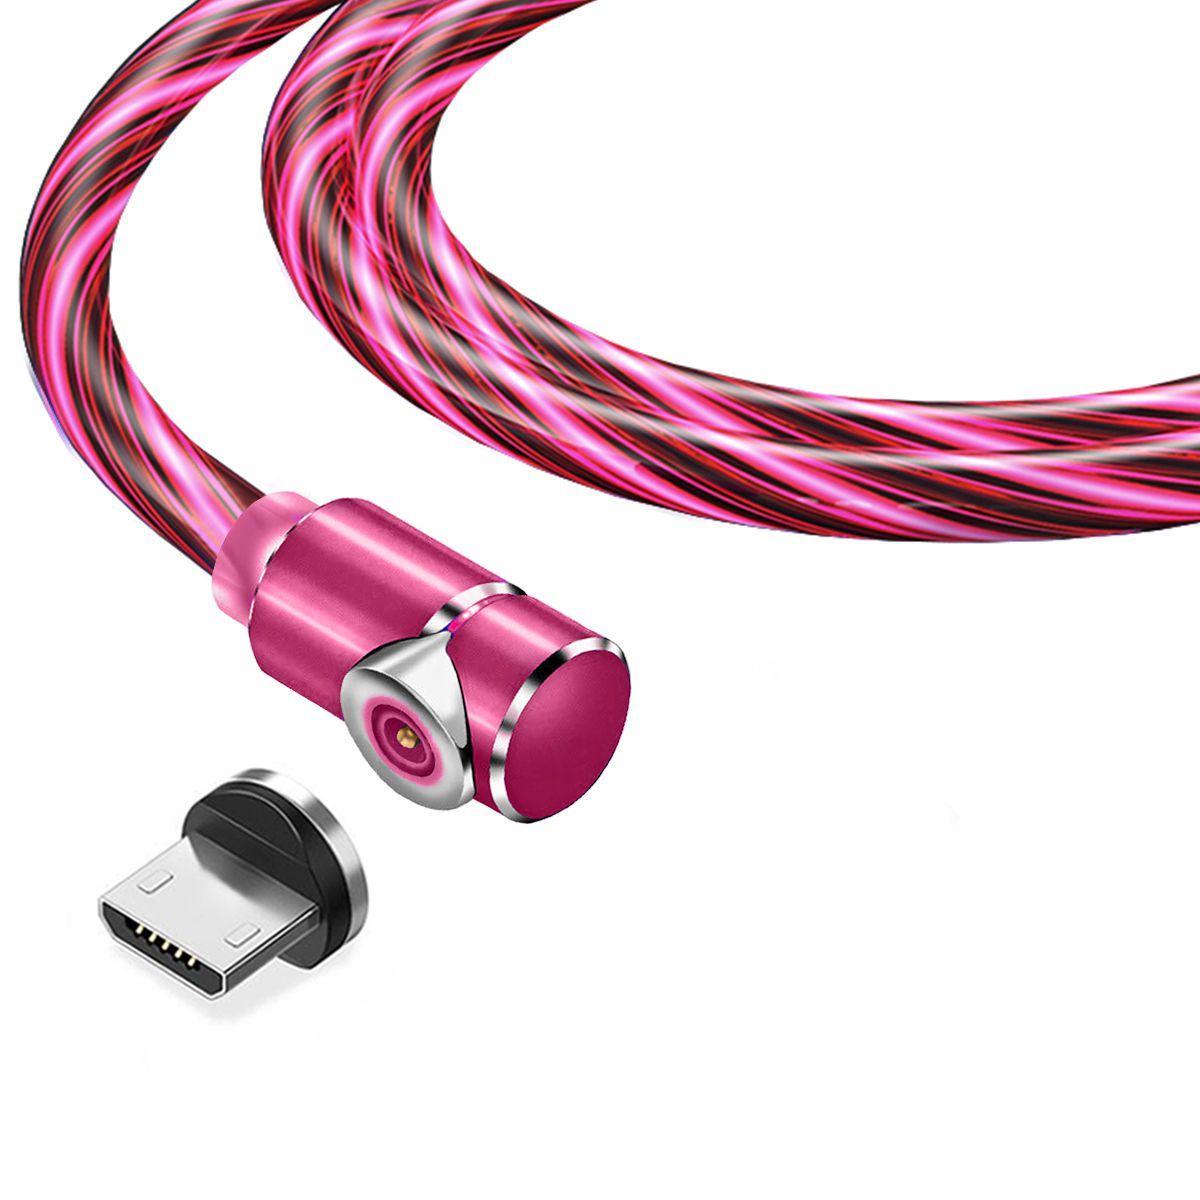 Магнитный кабель TOPK micro USB (LZ) для зарядки (100 см) Red